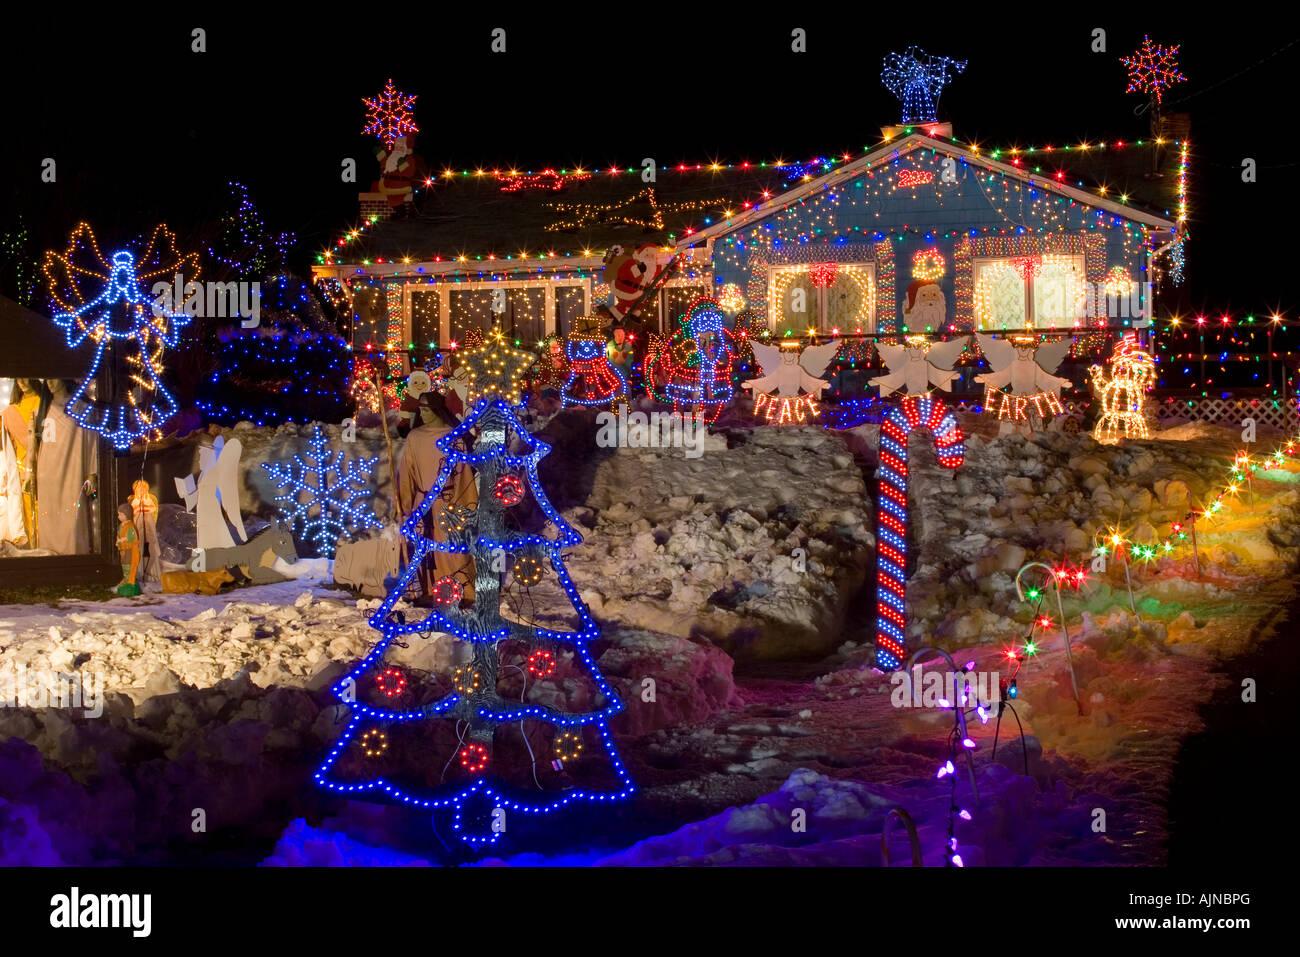 Prince Christmas Decorations.Christmas Lights North Rustico Prince Edward Island